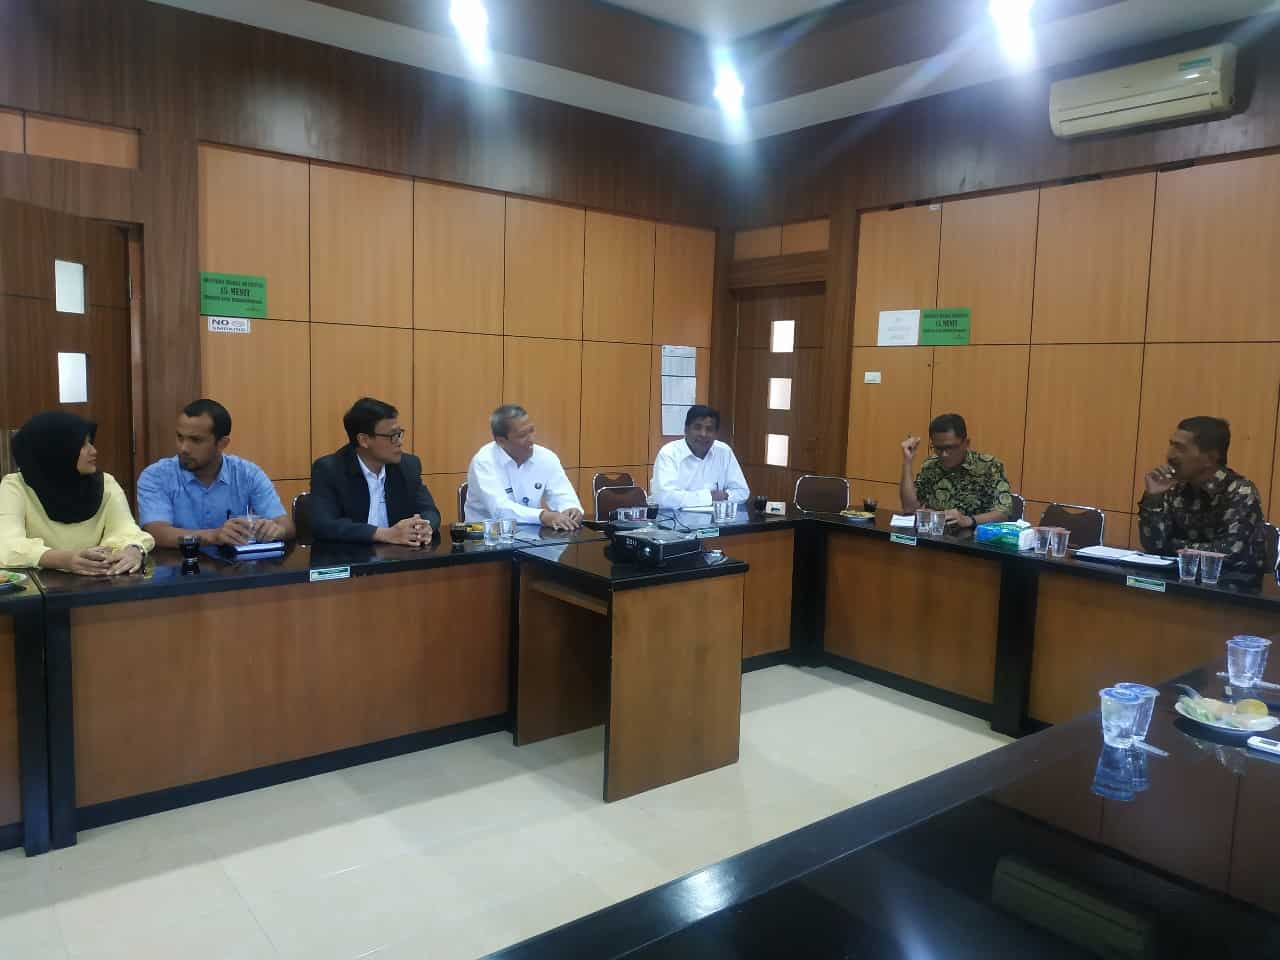 Kunjungan kerja dalam rangka Harmonisasi program GDAD bersama Stakeholder di Aceh